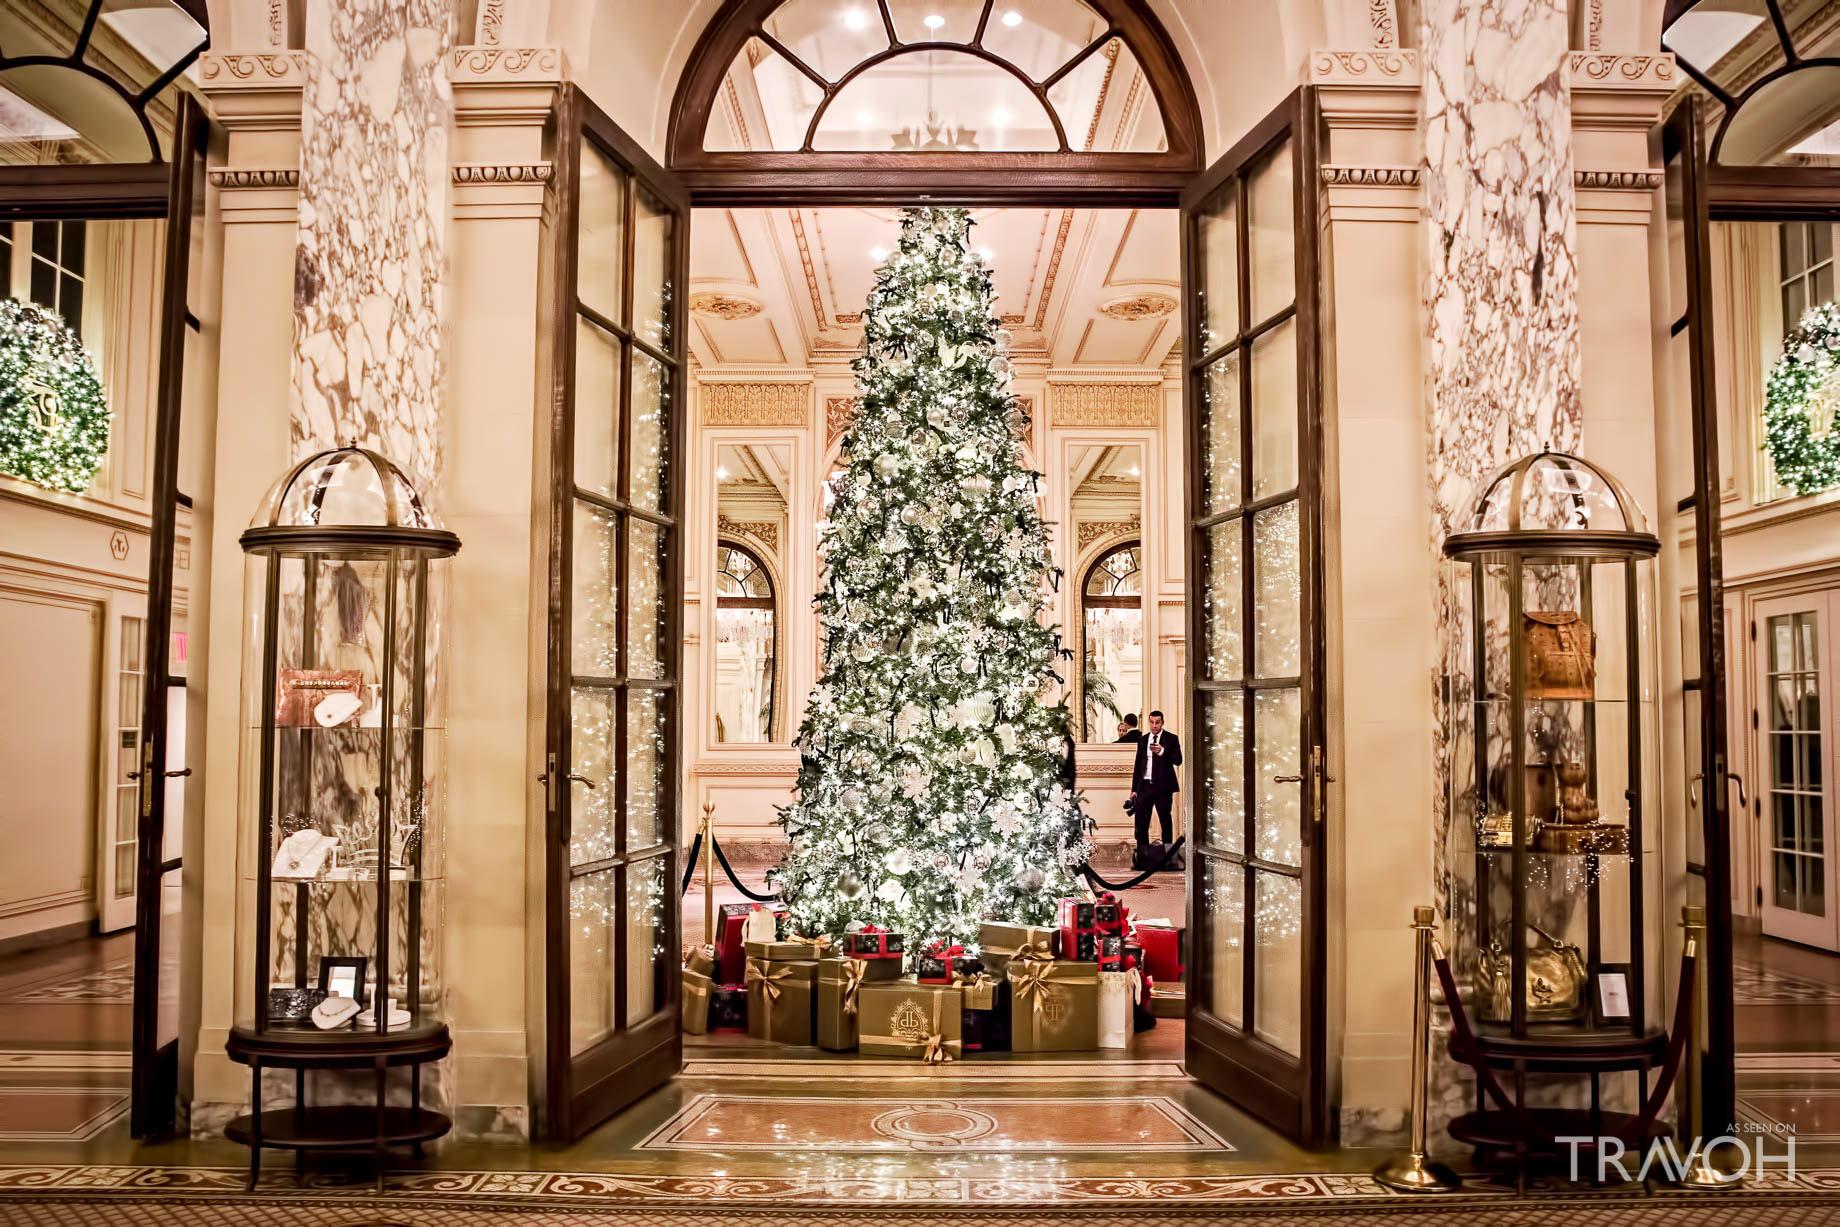 Santa at the Plaza Hotel – 768 5th Ave, New York, NY, USA